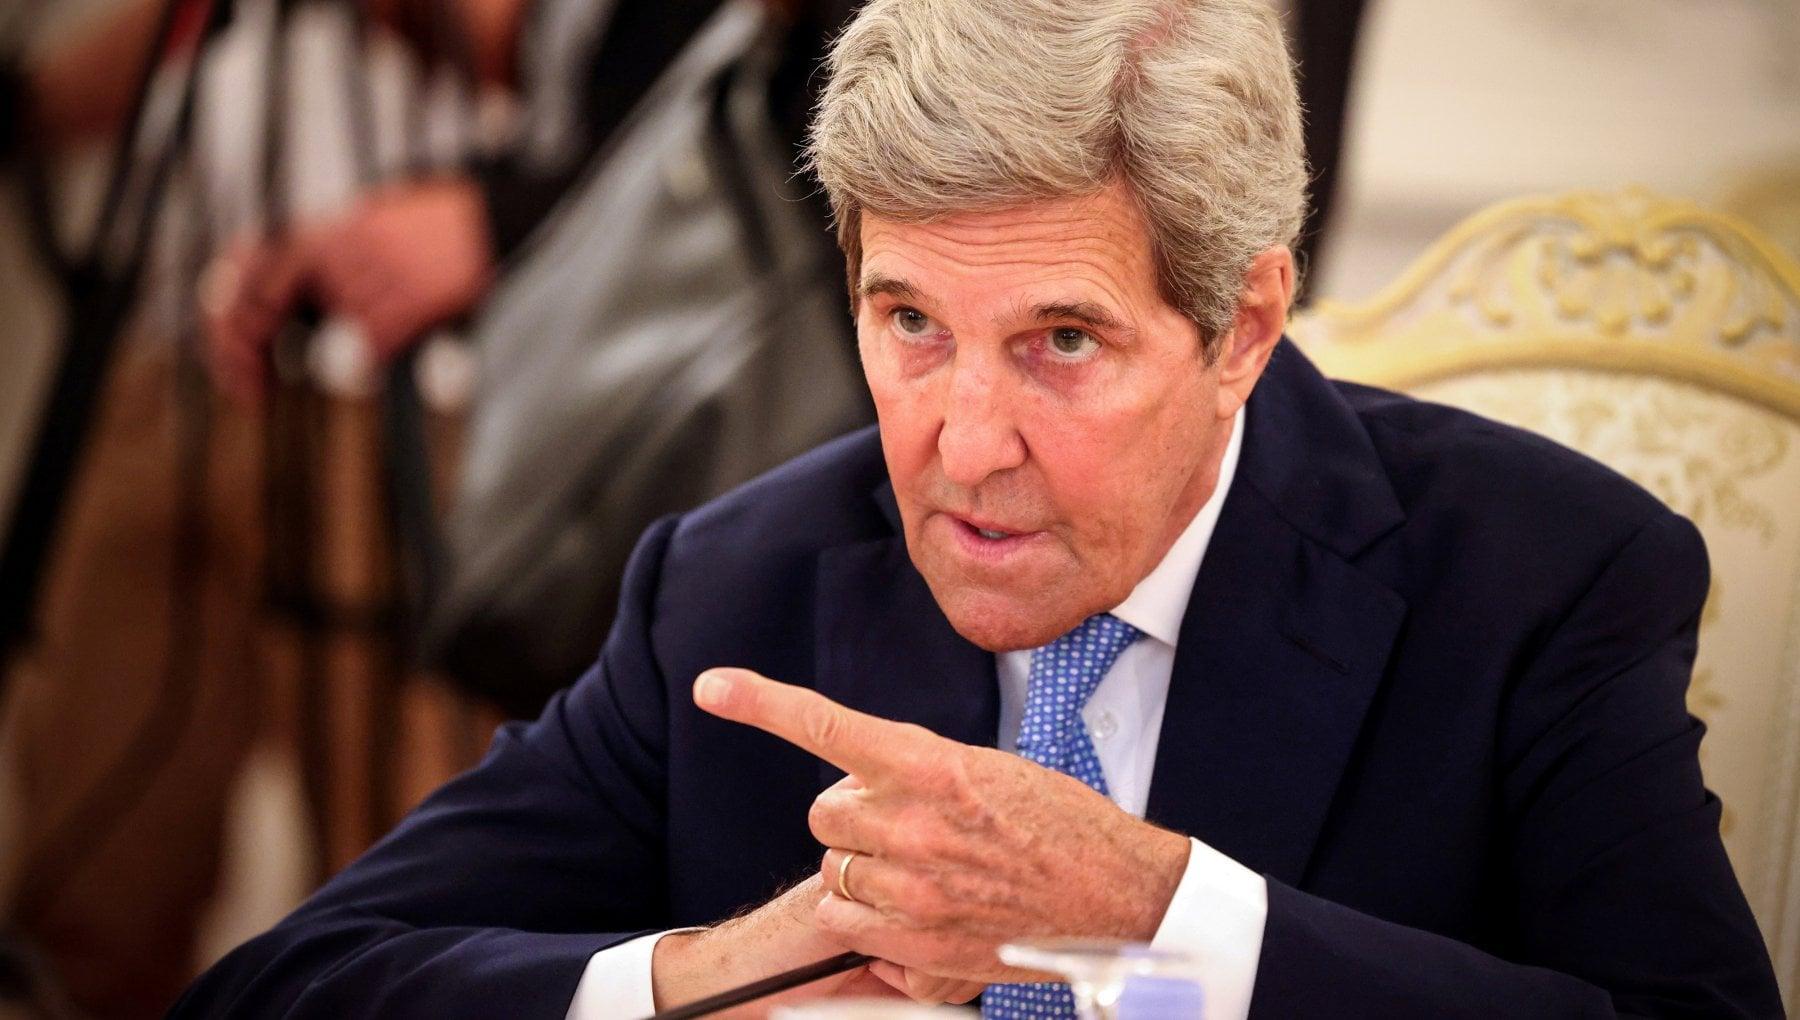 """230539513 6d5e7351 45b0 47a2 904c cd235cb1d9ff - Clima, intervista a Kerry: """"Il mondo è a una svolta per un futuro più pulito"""""""